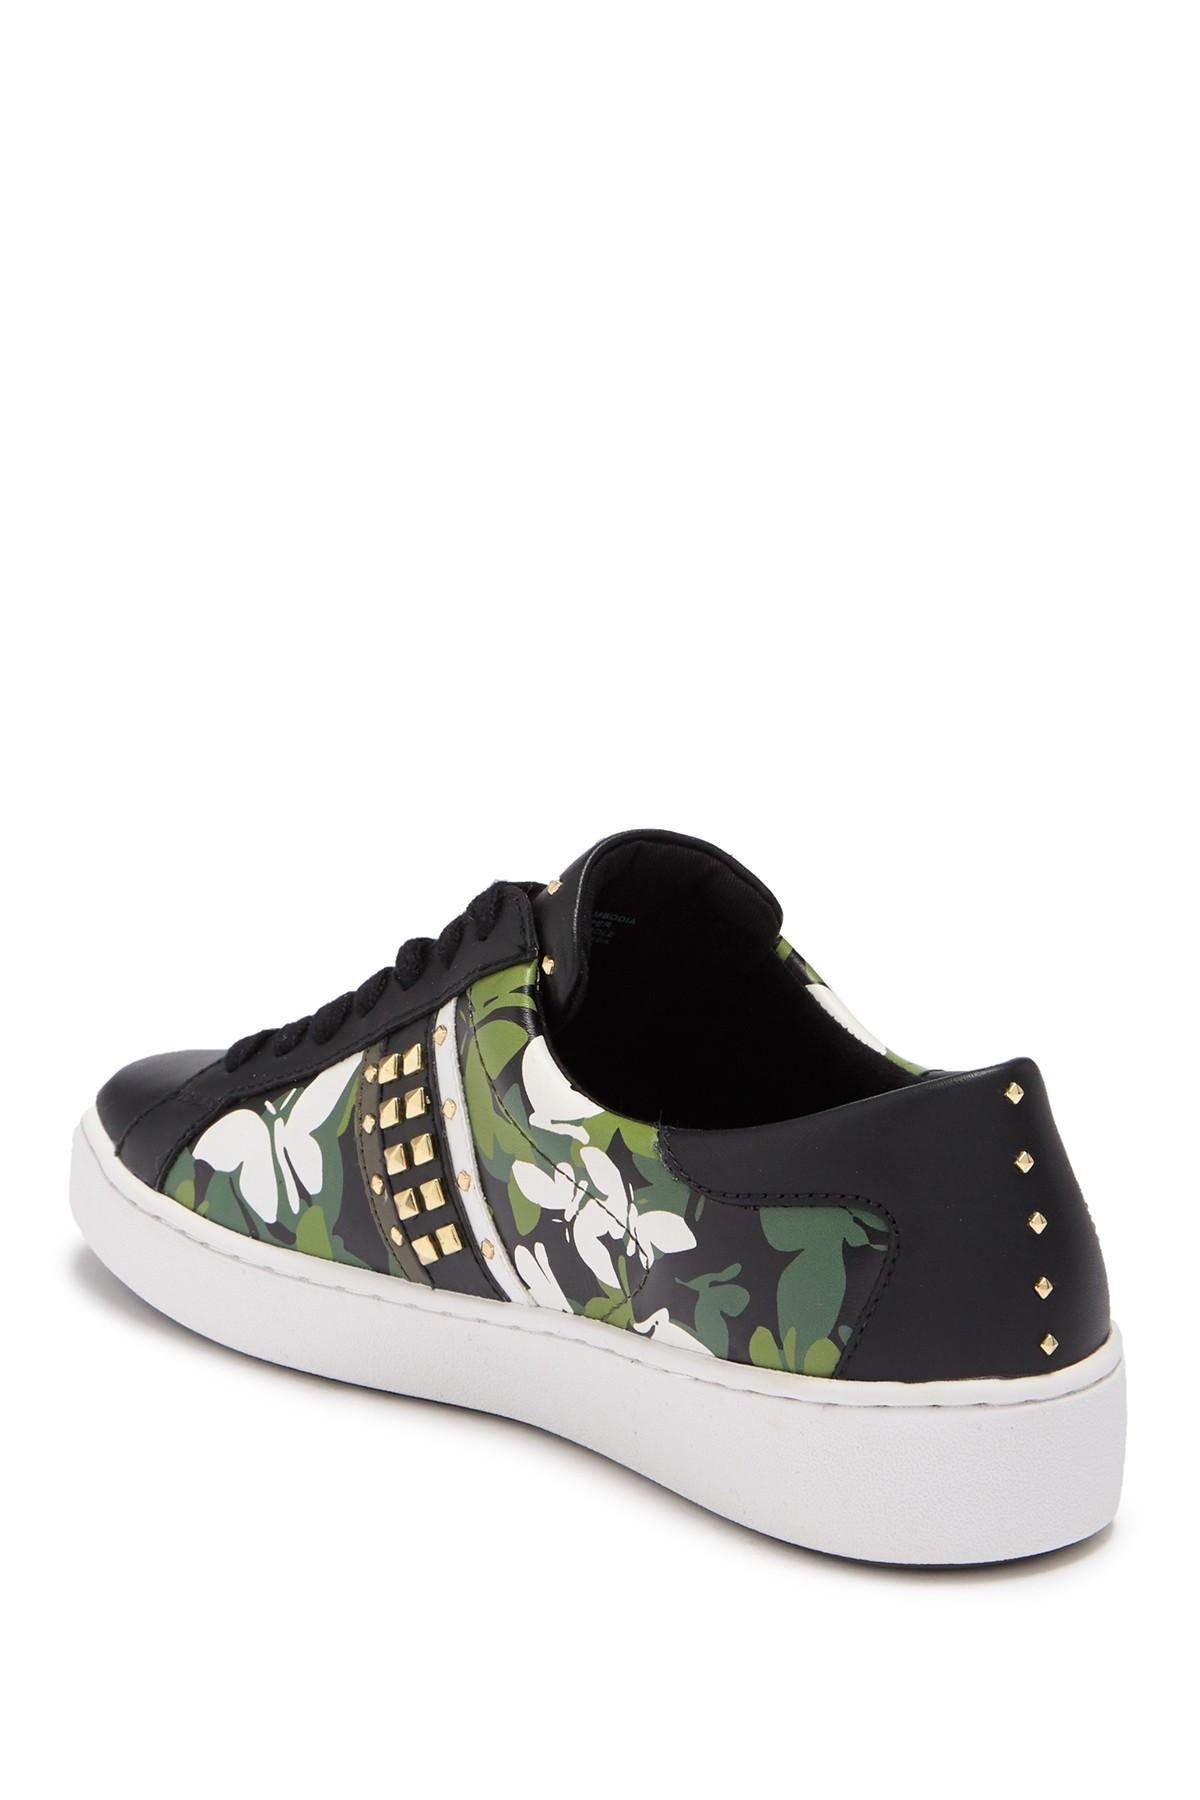 keaton butterfly camo leather sneaker